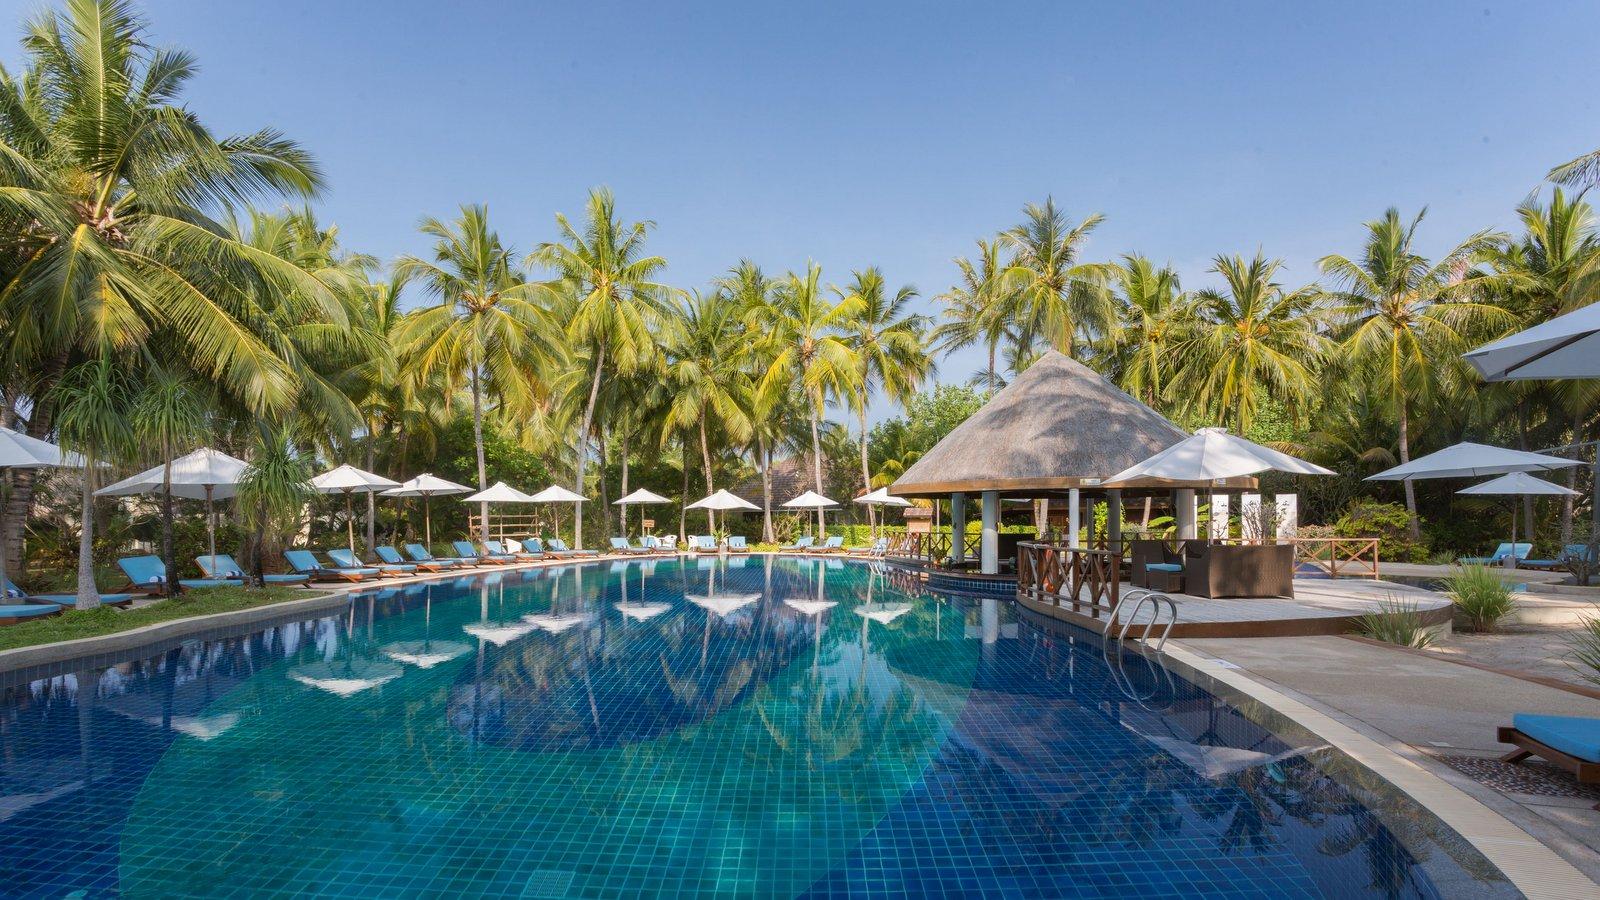 Мальдивы, отель Bandos Maldives, Pool Bar